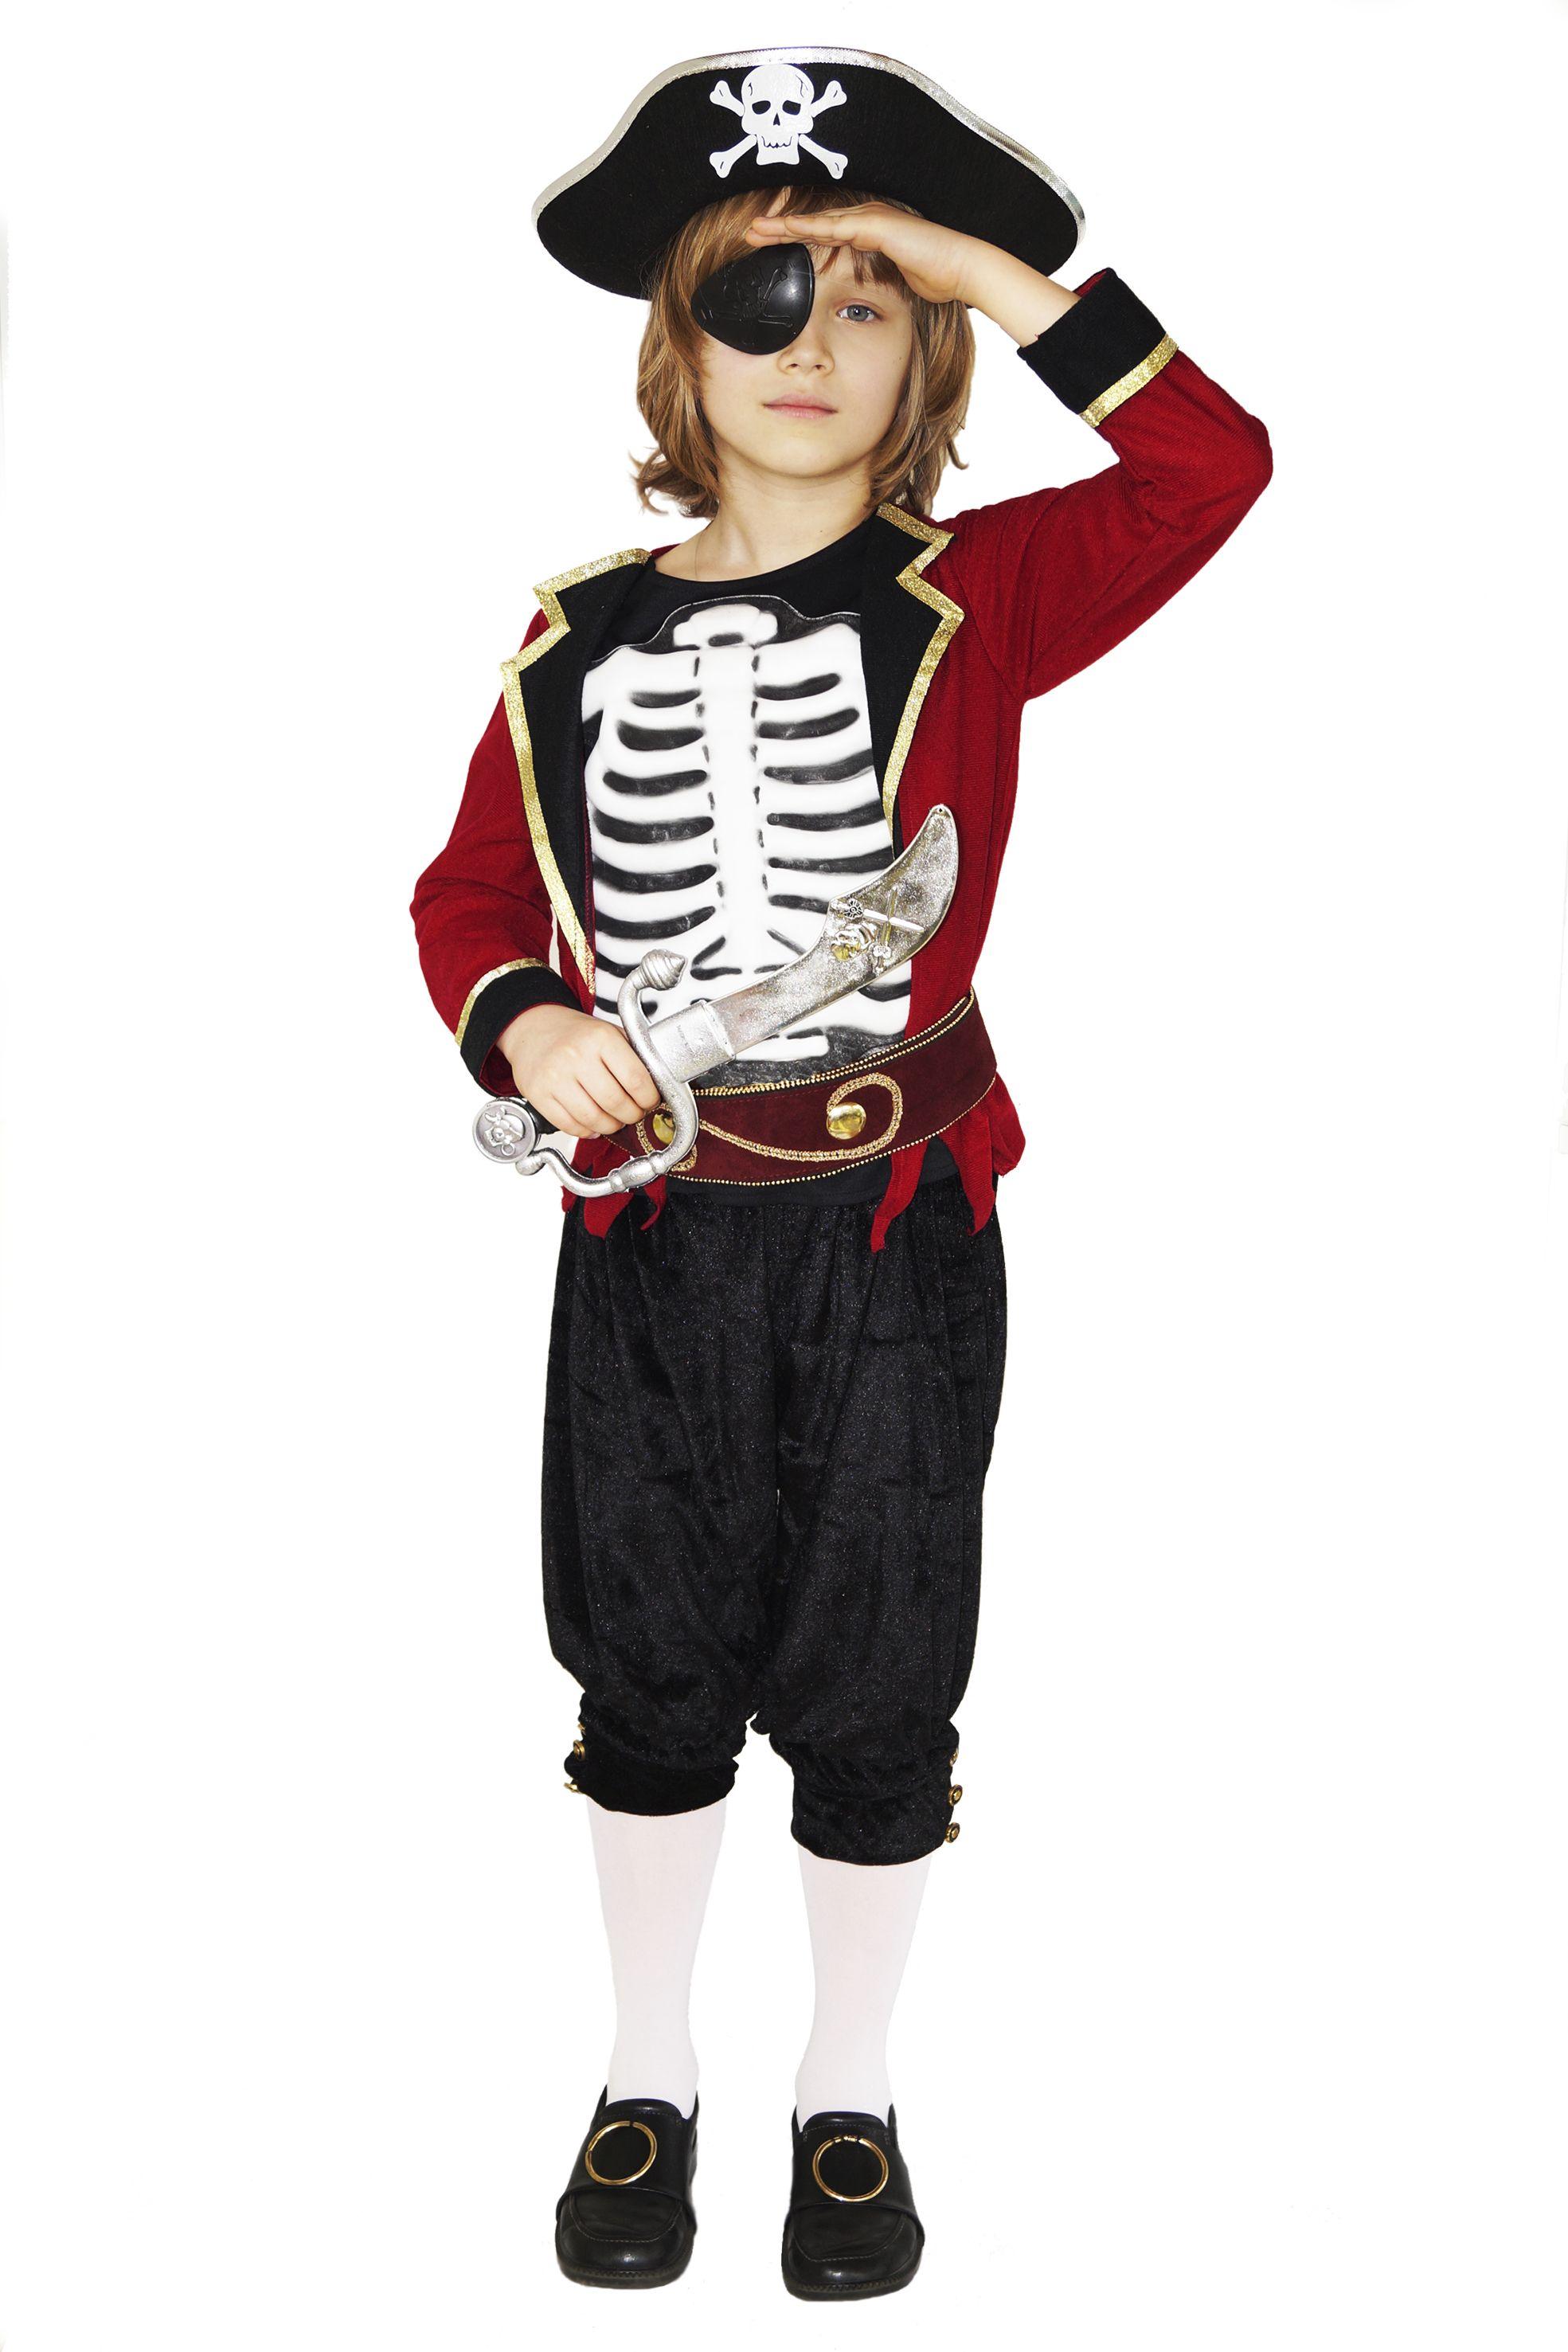 Карнавальный костюм пирата на мальчика 5-8 лет Прокат в городе Киеве Стоимость 100грн/ сутки Доставка до двери в г. Киеве 25 грн  Костюм включает в себя: - кофта двойная - пояс - шляпа - повязка на глаз - капри - имитация обуви с пряжкой  - ножик( по договоренности) Идеальный костюм для фотосессий в пиратском стиле и тематических пиратских вечеринок.